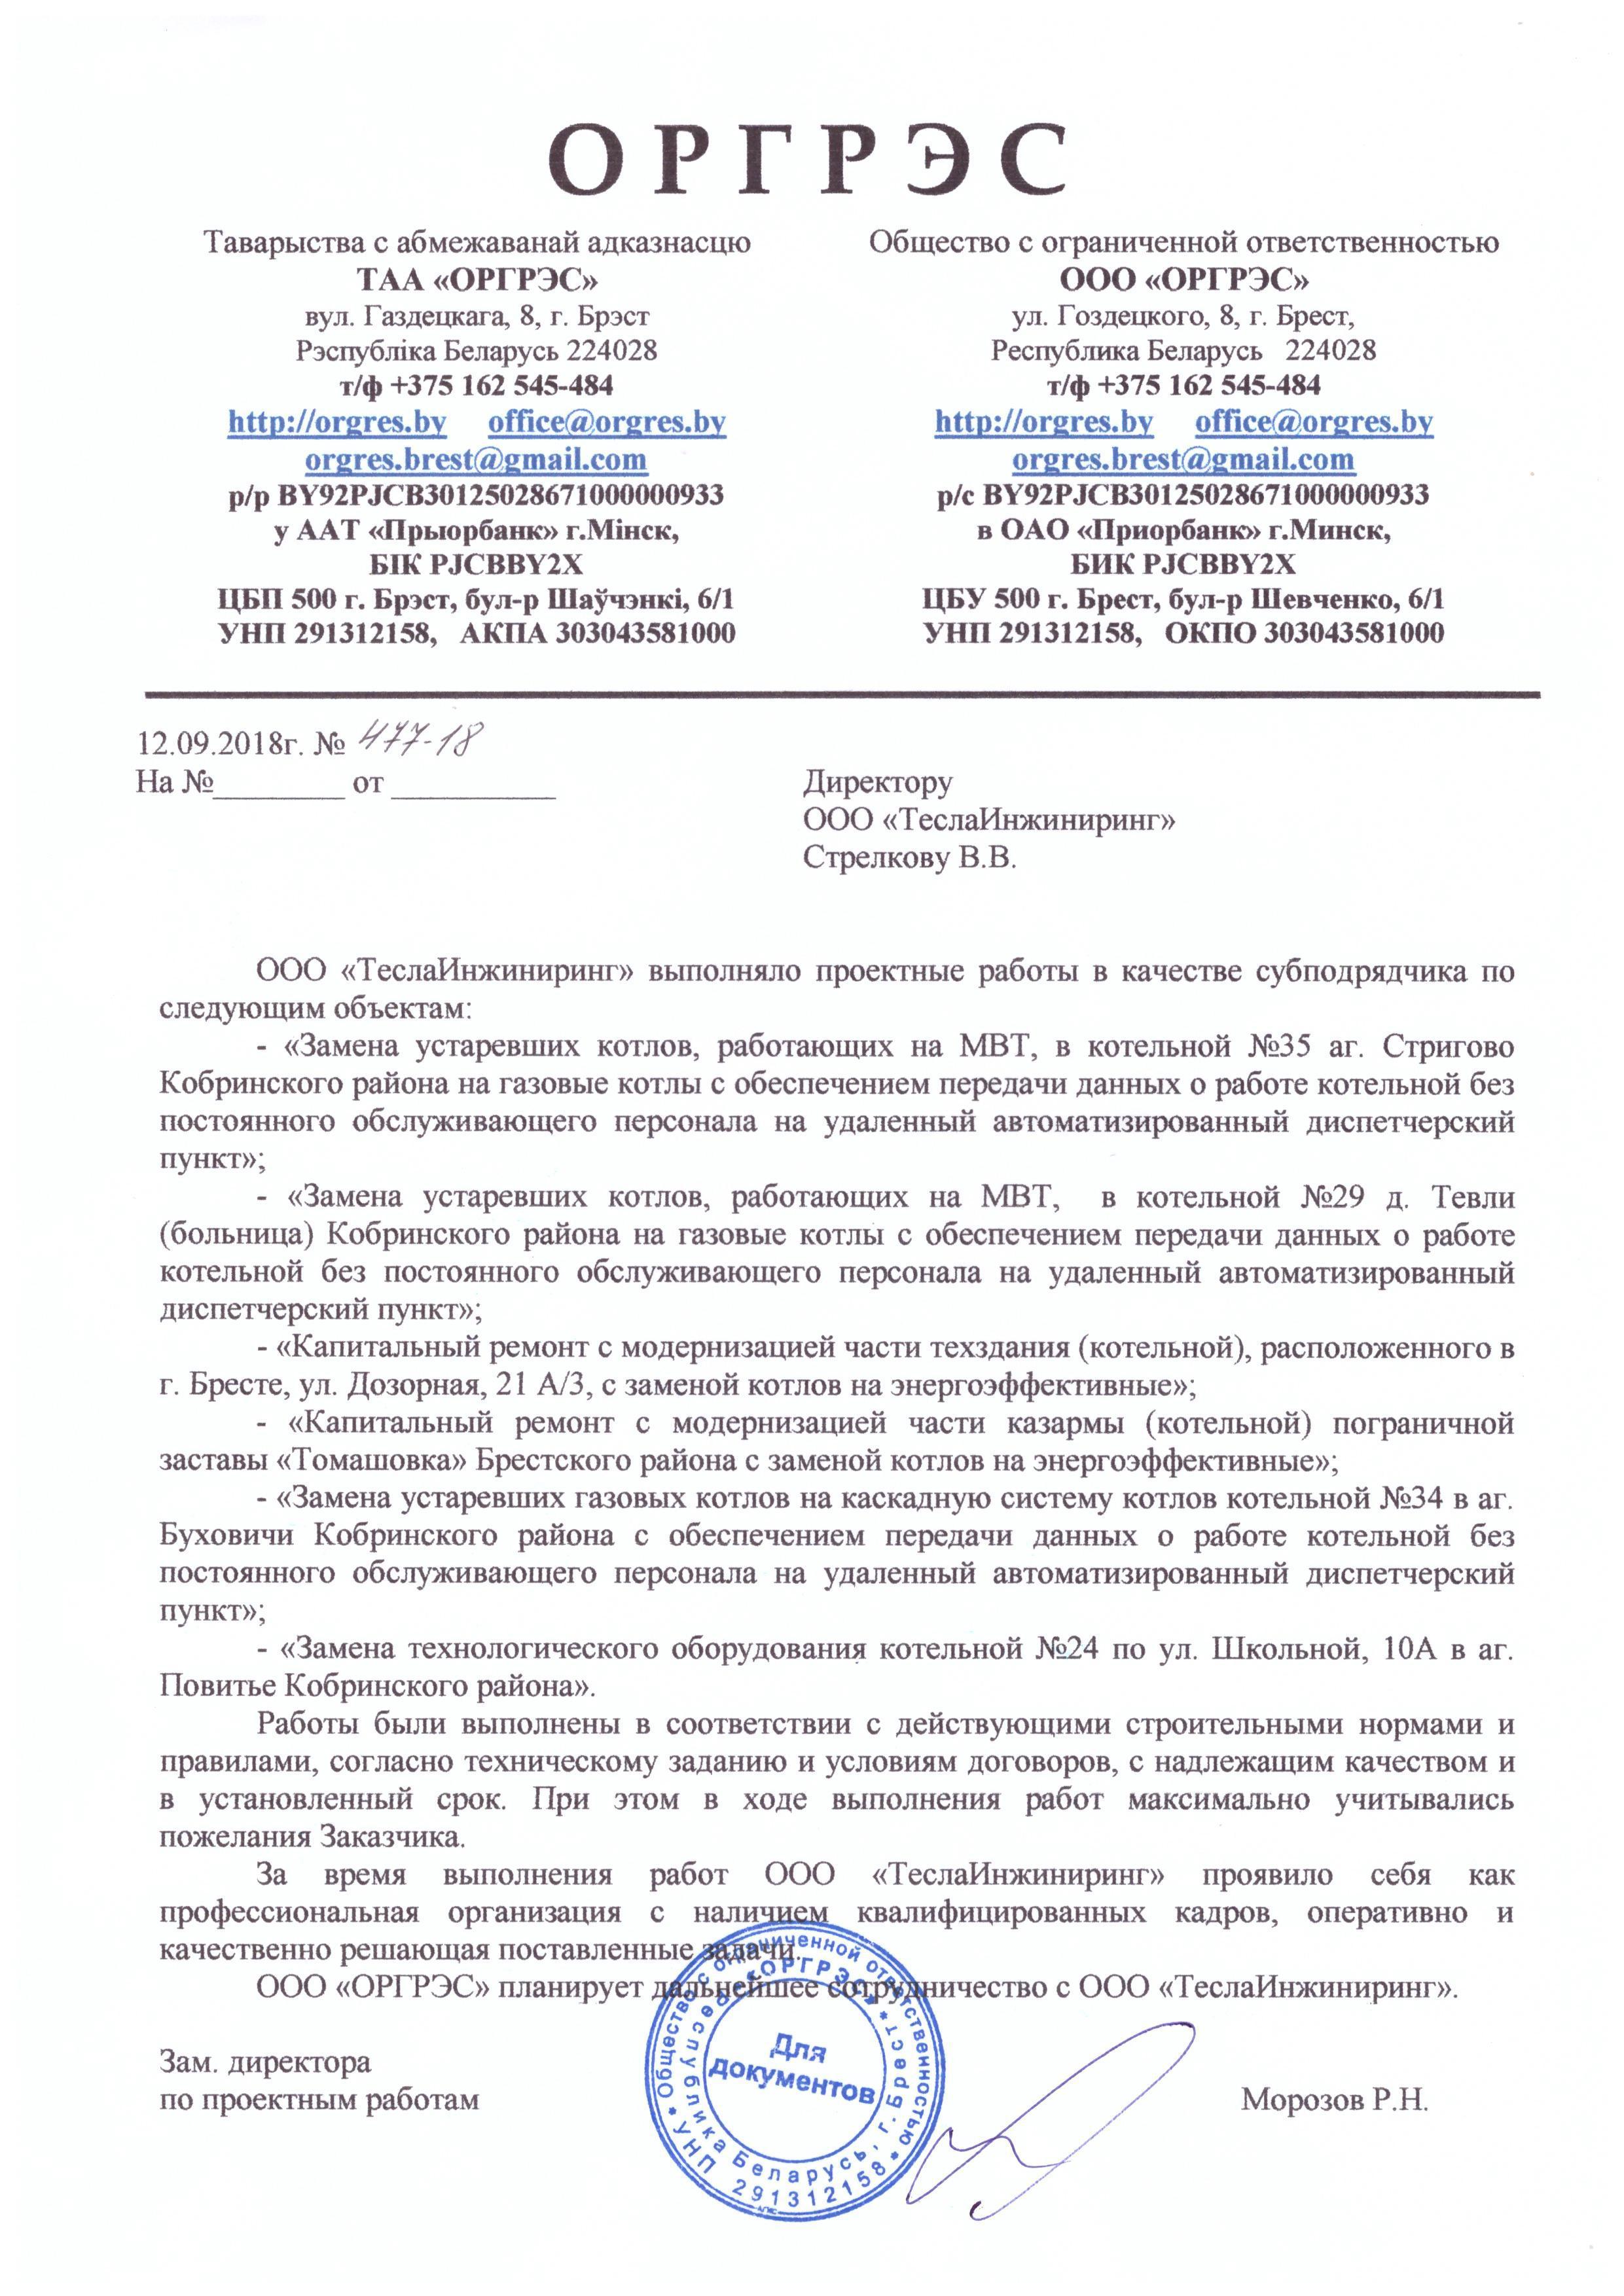 ПСД - ОРГРЭС